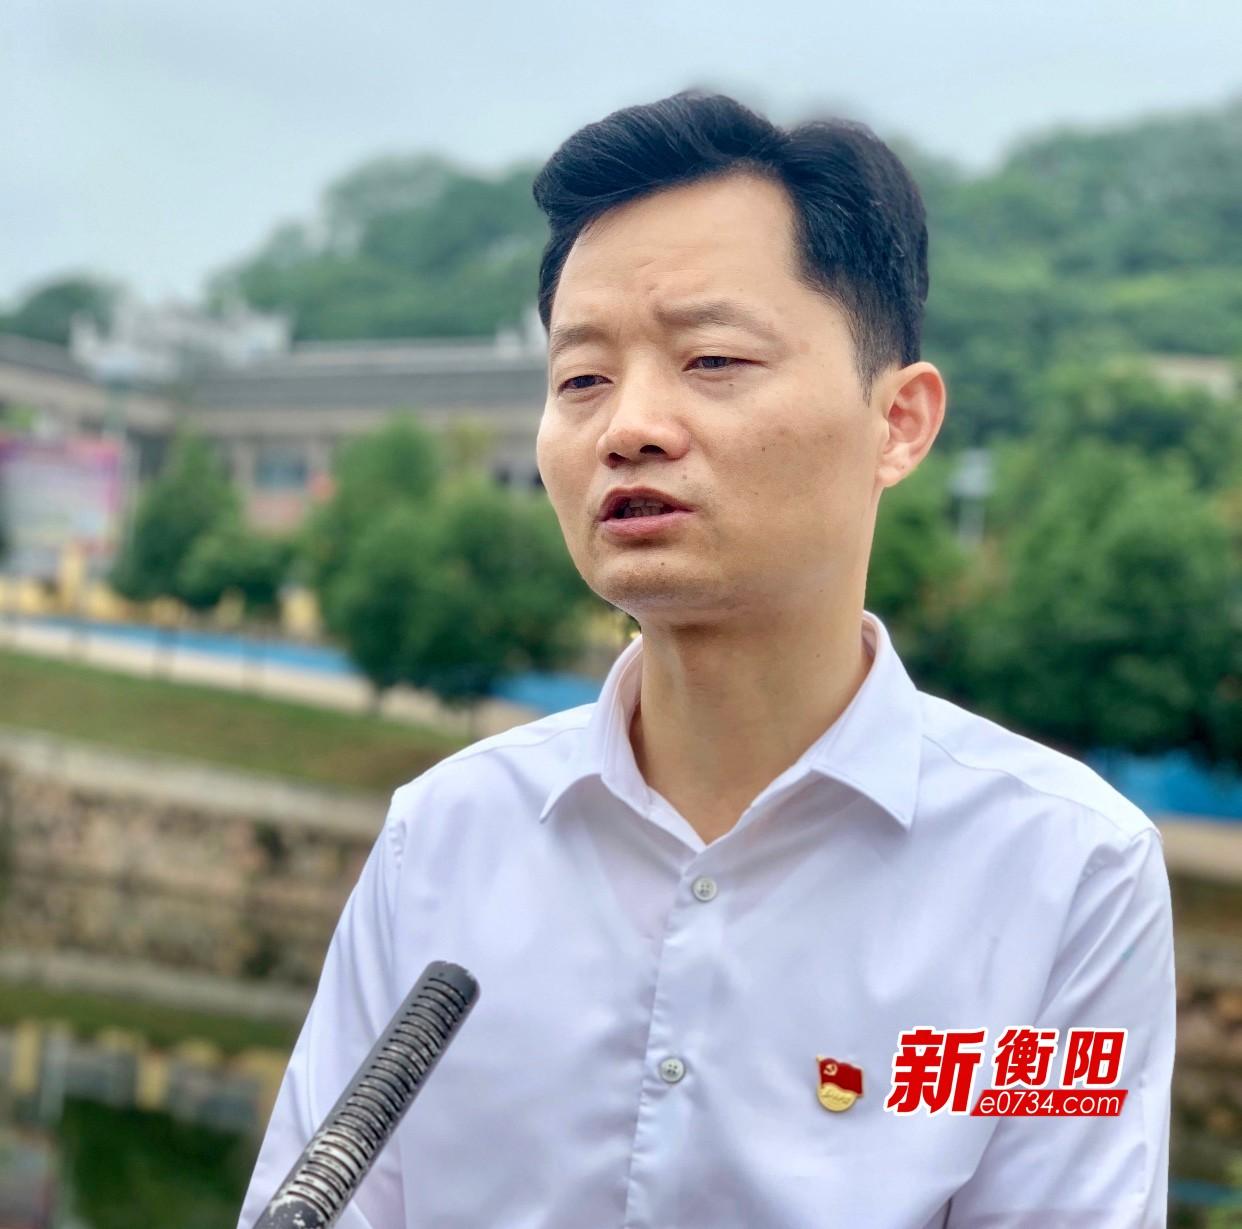 衡南縣委書記胡果雄:因地制宜整治好農村人居環境